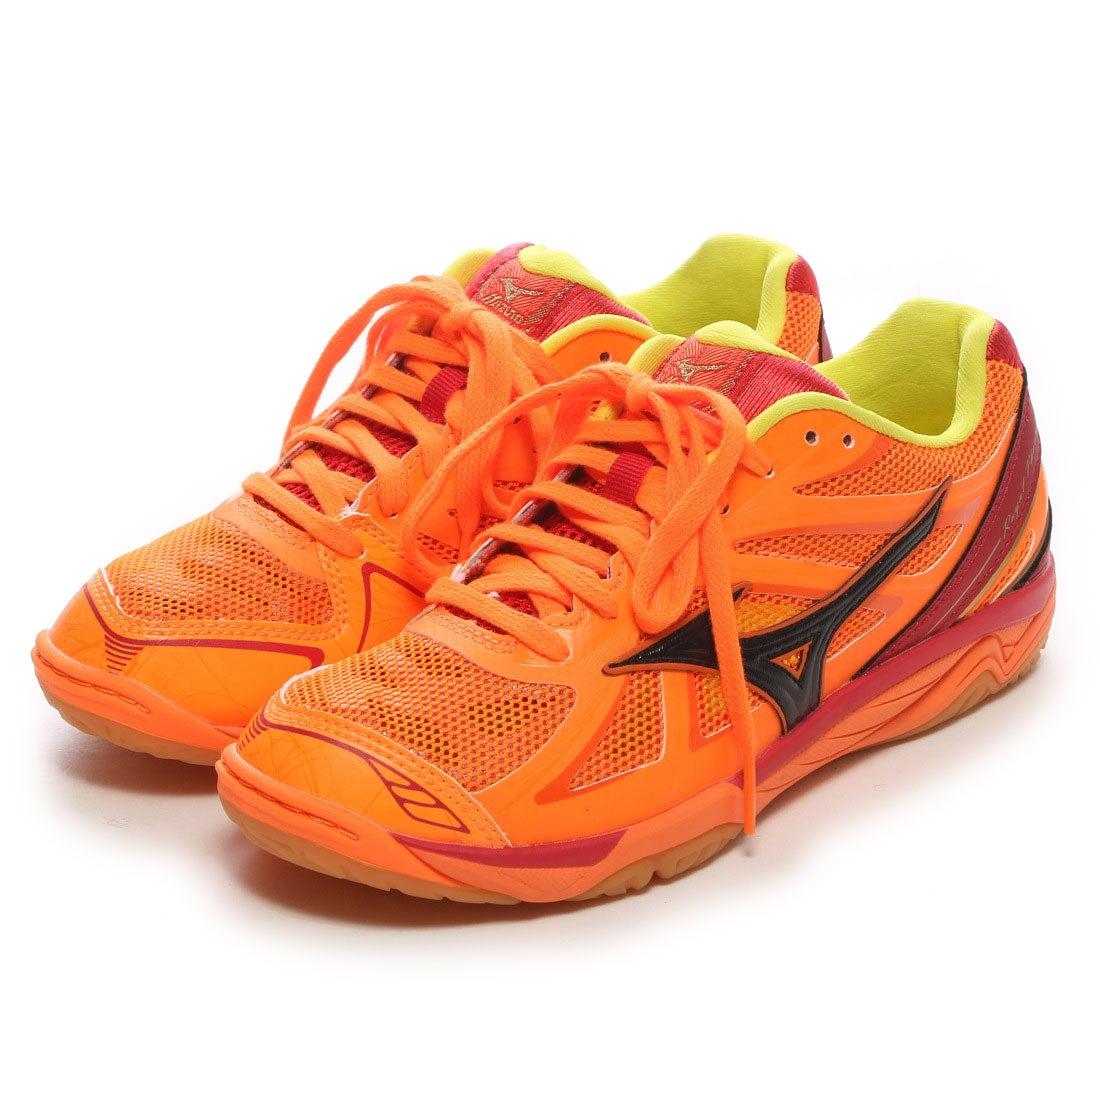 ミズノ MIZUNO バレーボールシューズ ロイヤルフェニックス V1GA153098 オレンジ 188 (オレンジ) ,スポーツ&アウトドア通販  ロコンドスポーツ (LOCOSPO)